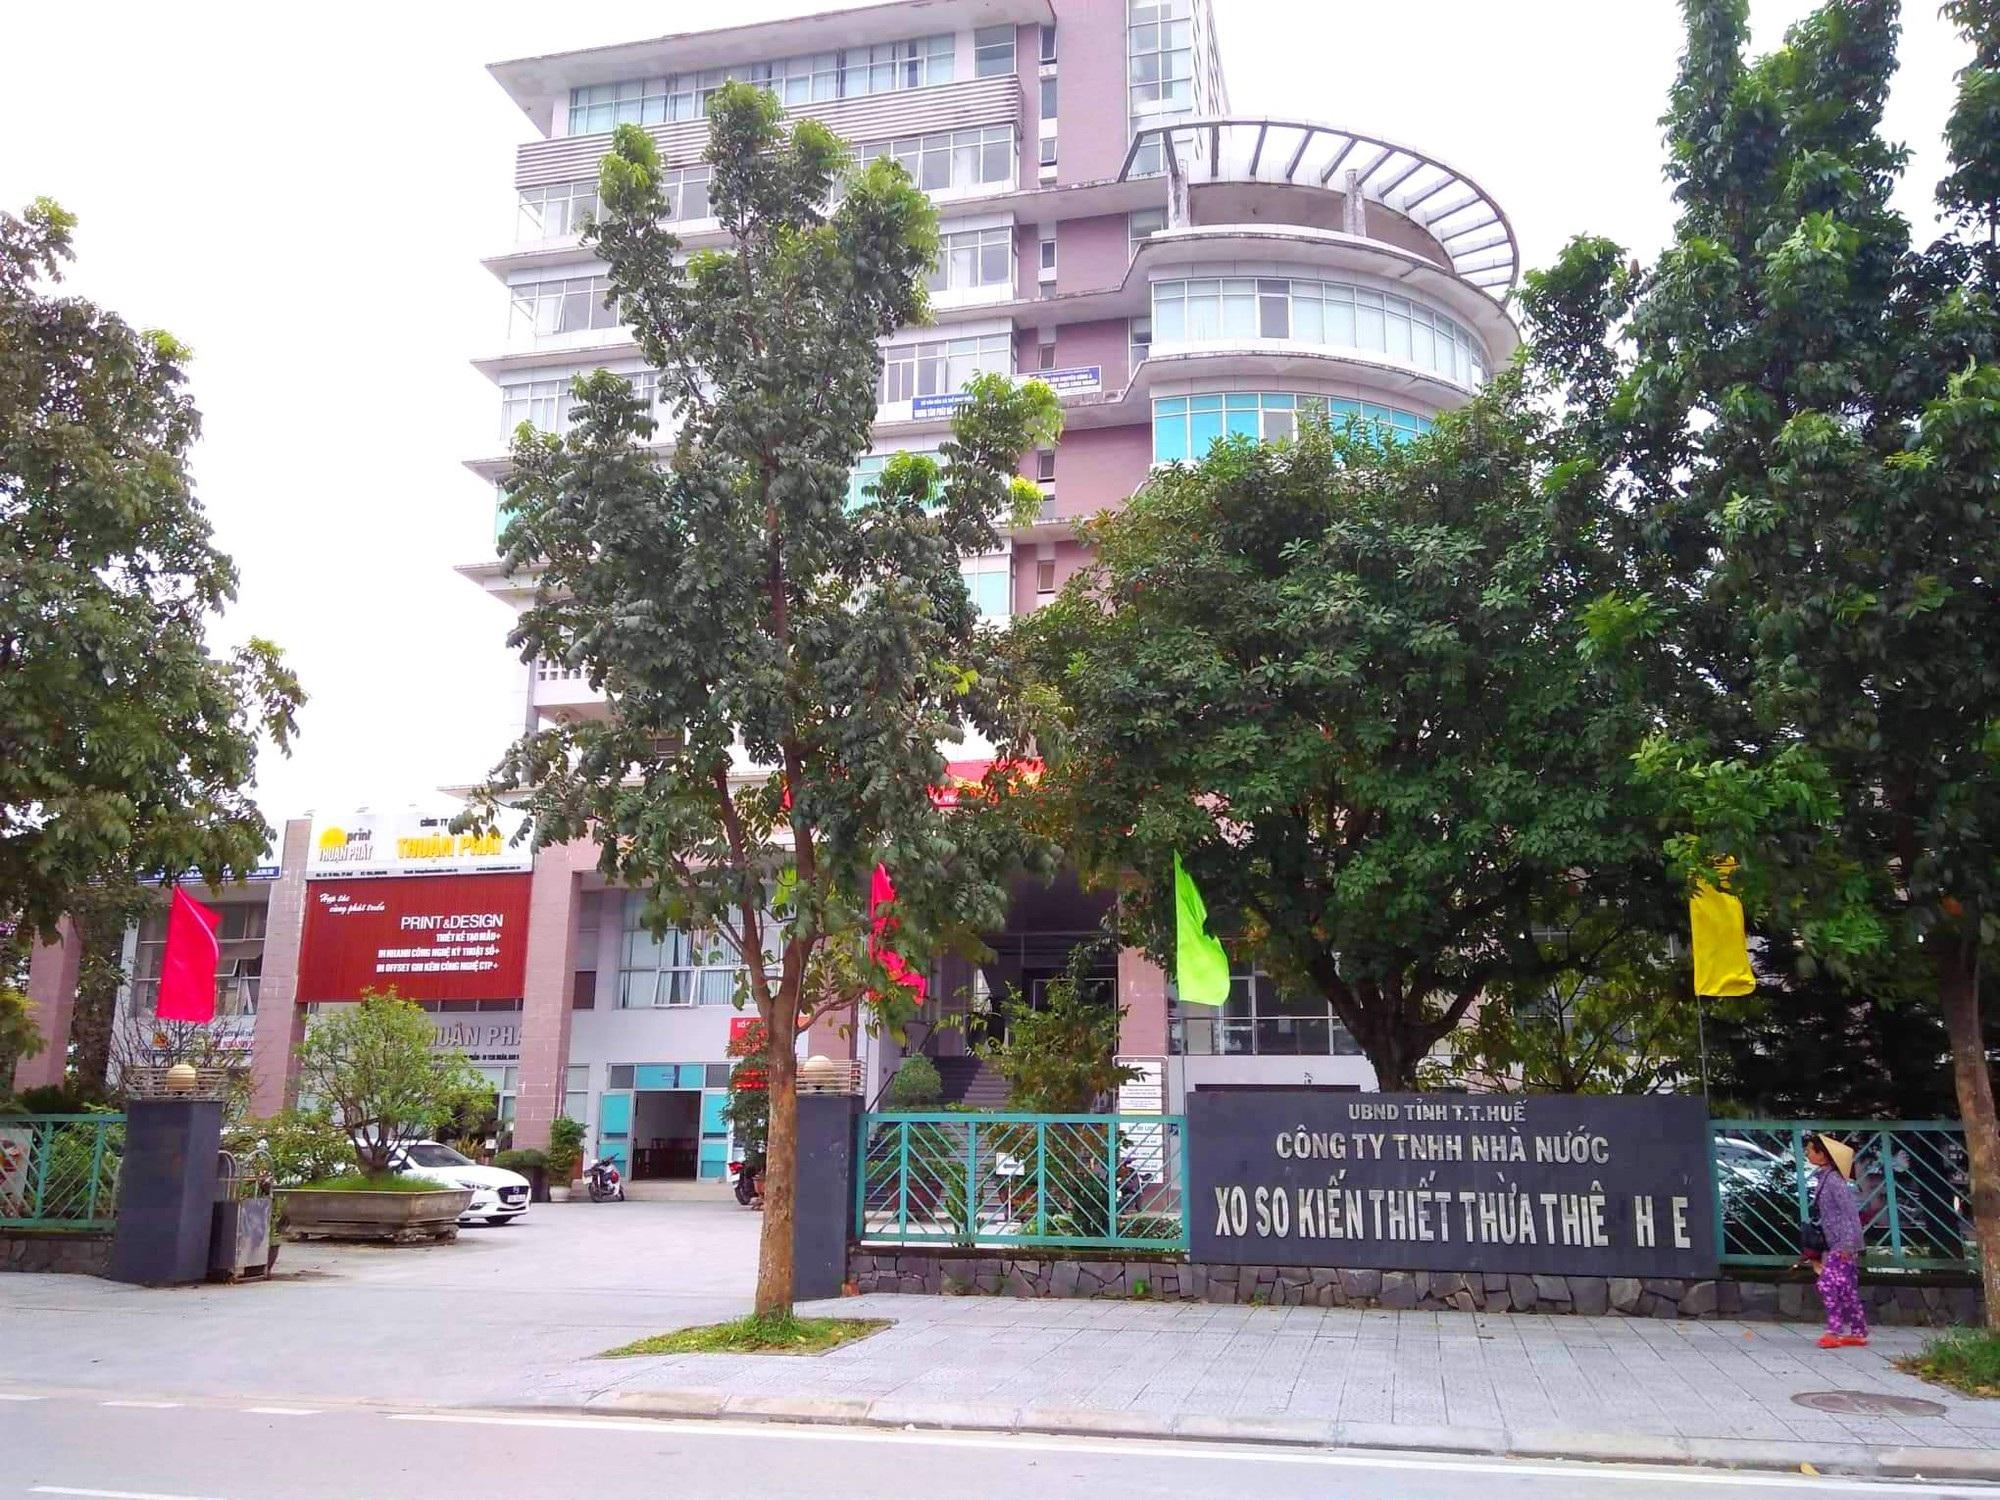 Nhiều sai phạm tại Công ty Xổ số kiến thiết Thừa Thiên Huế - Ảnh 1.